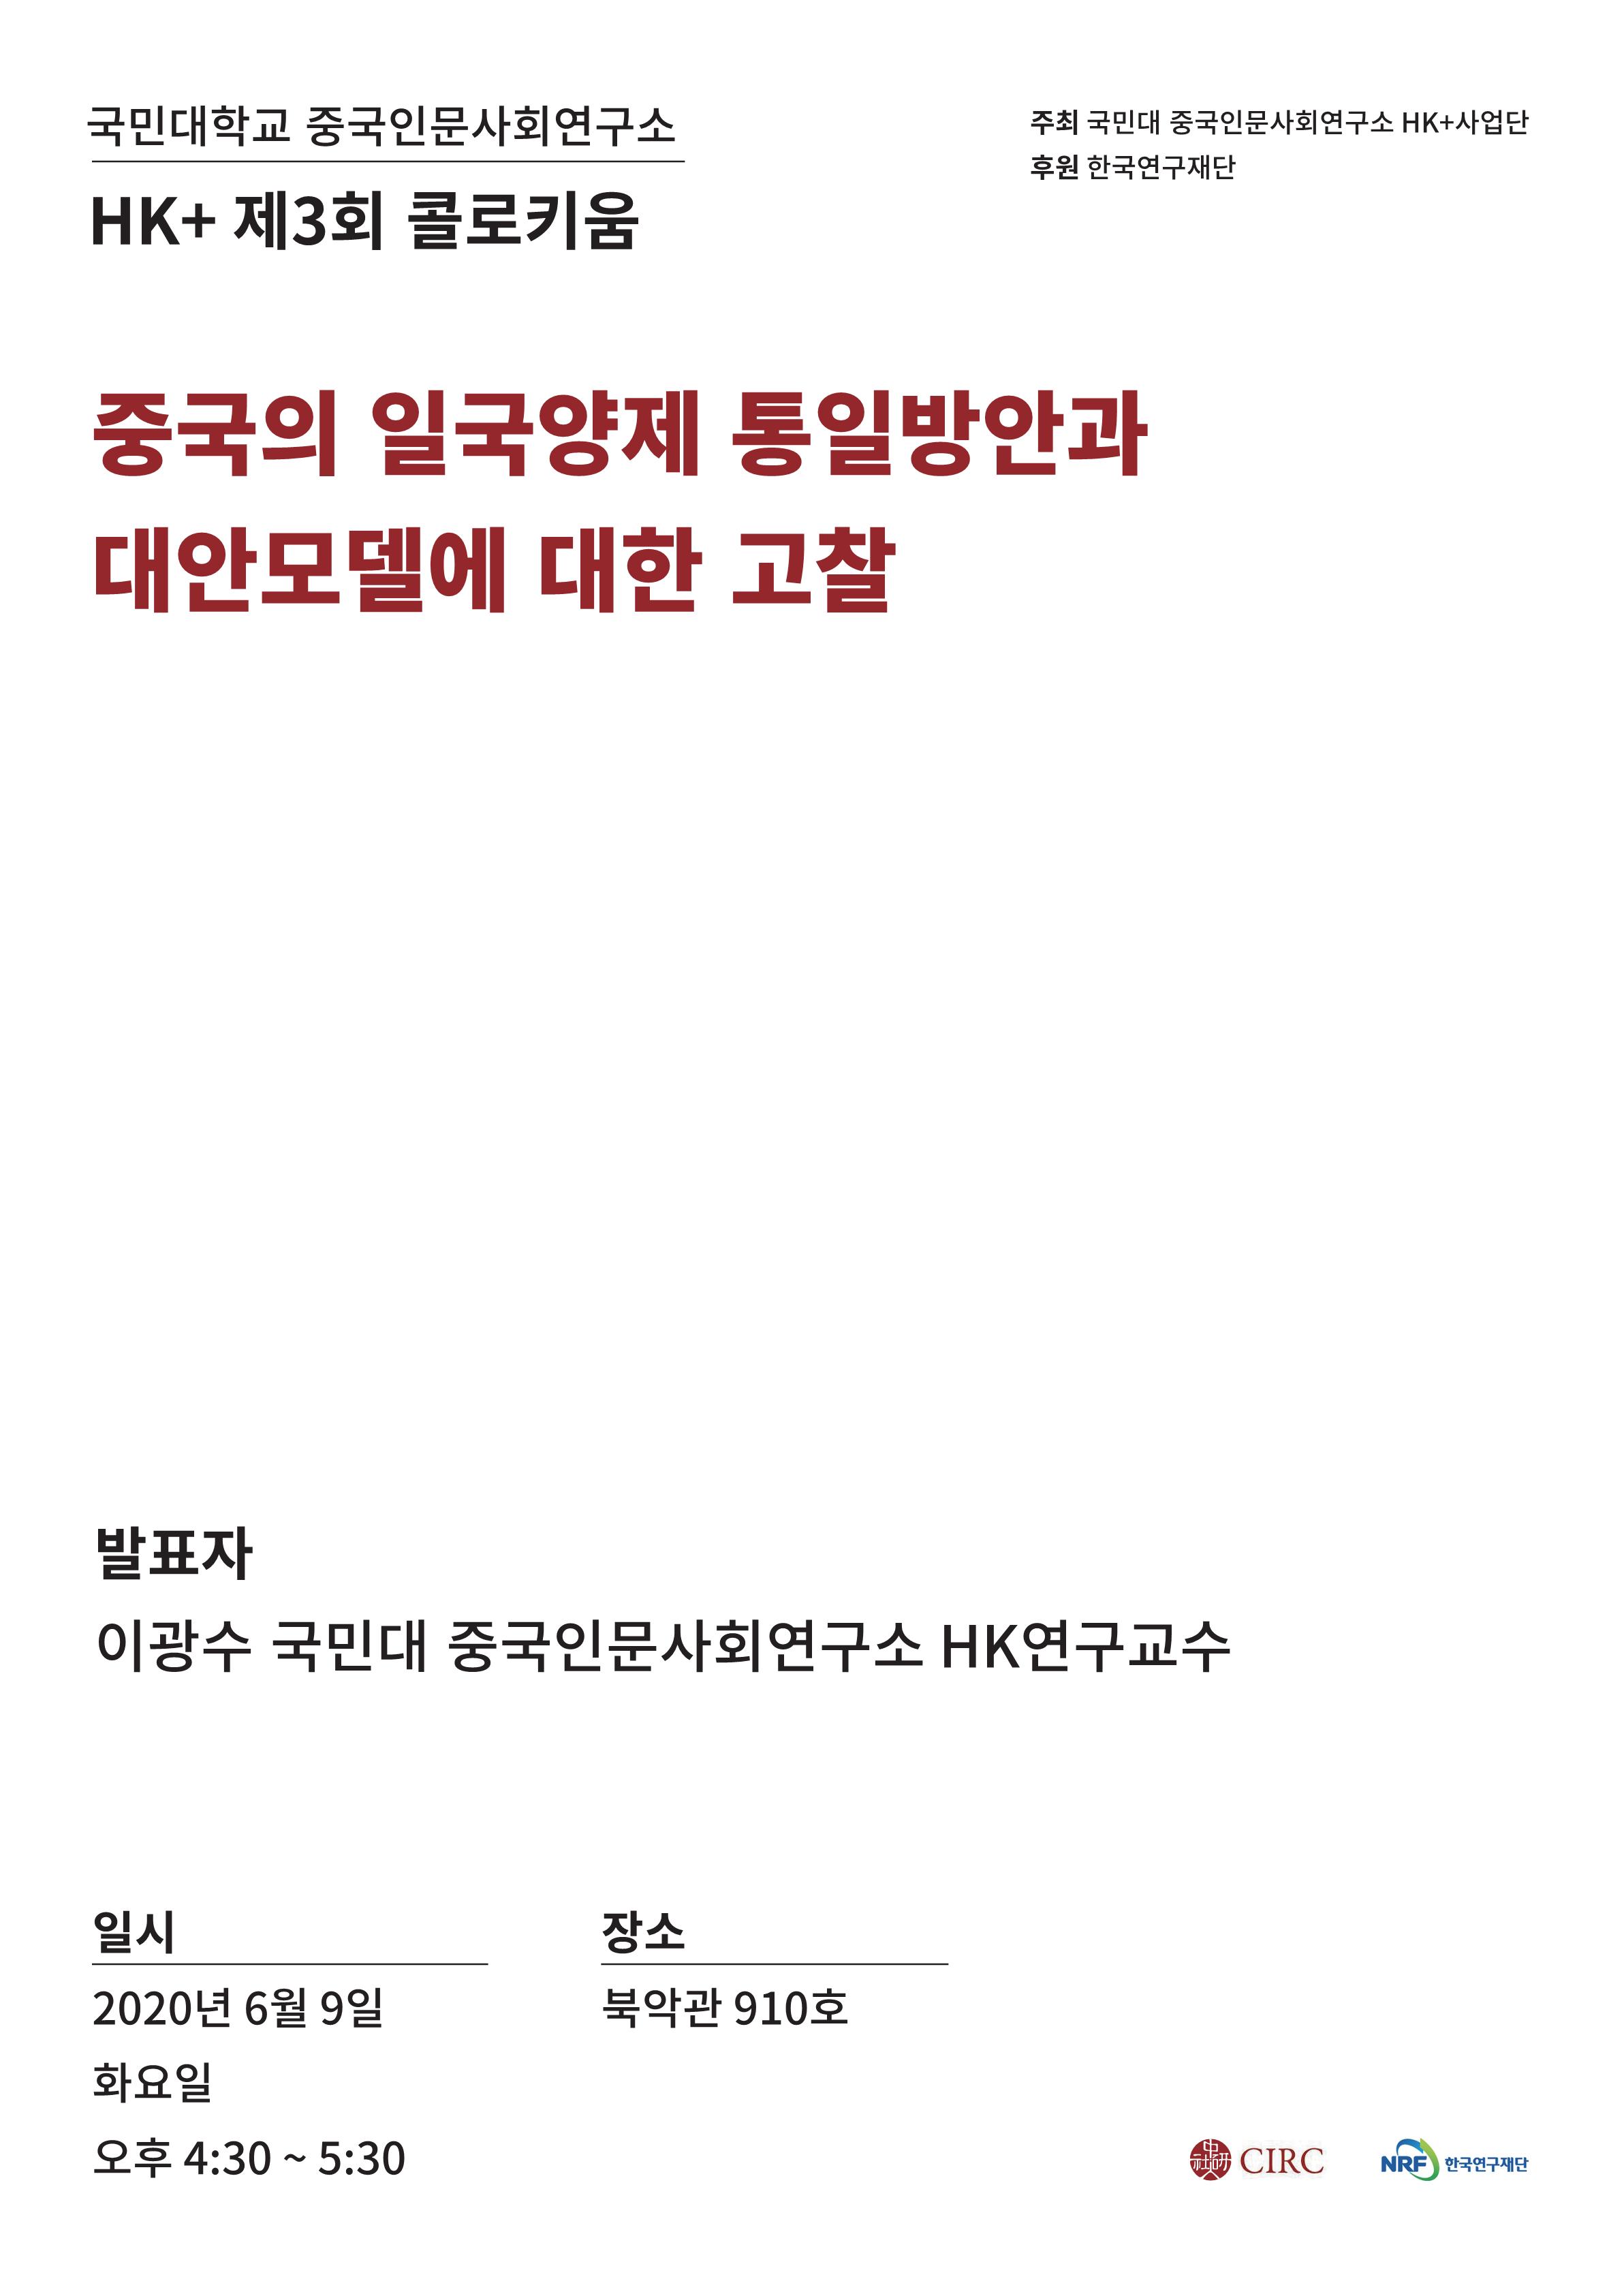 HK+제3회 콜로키움_6월_이광수_1.png